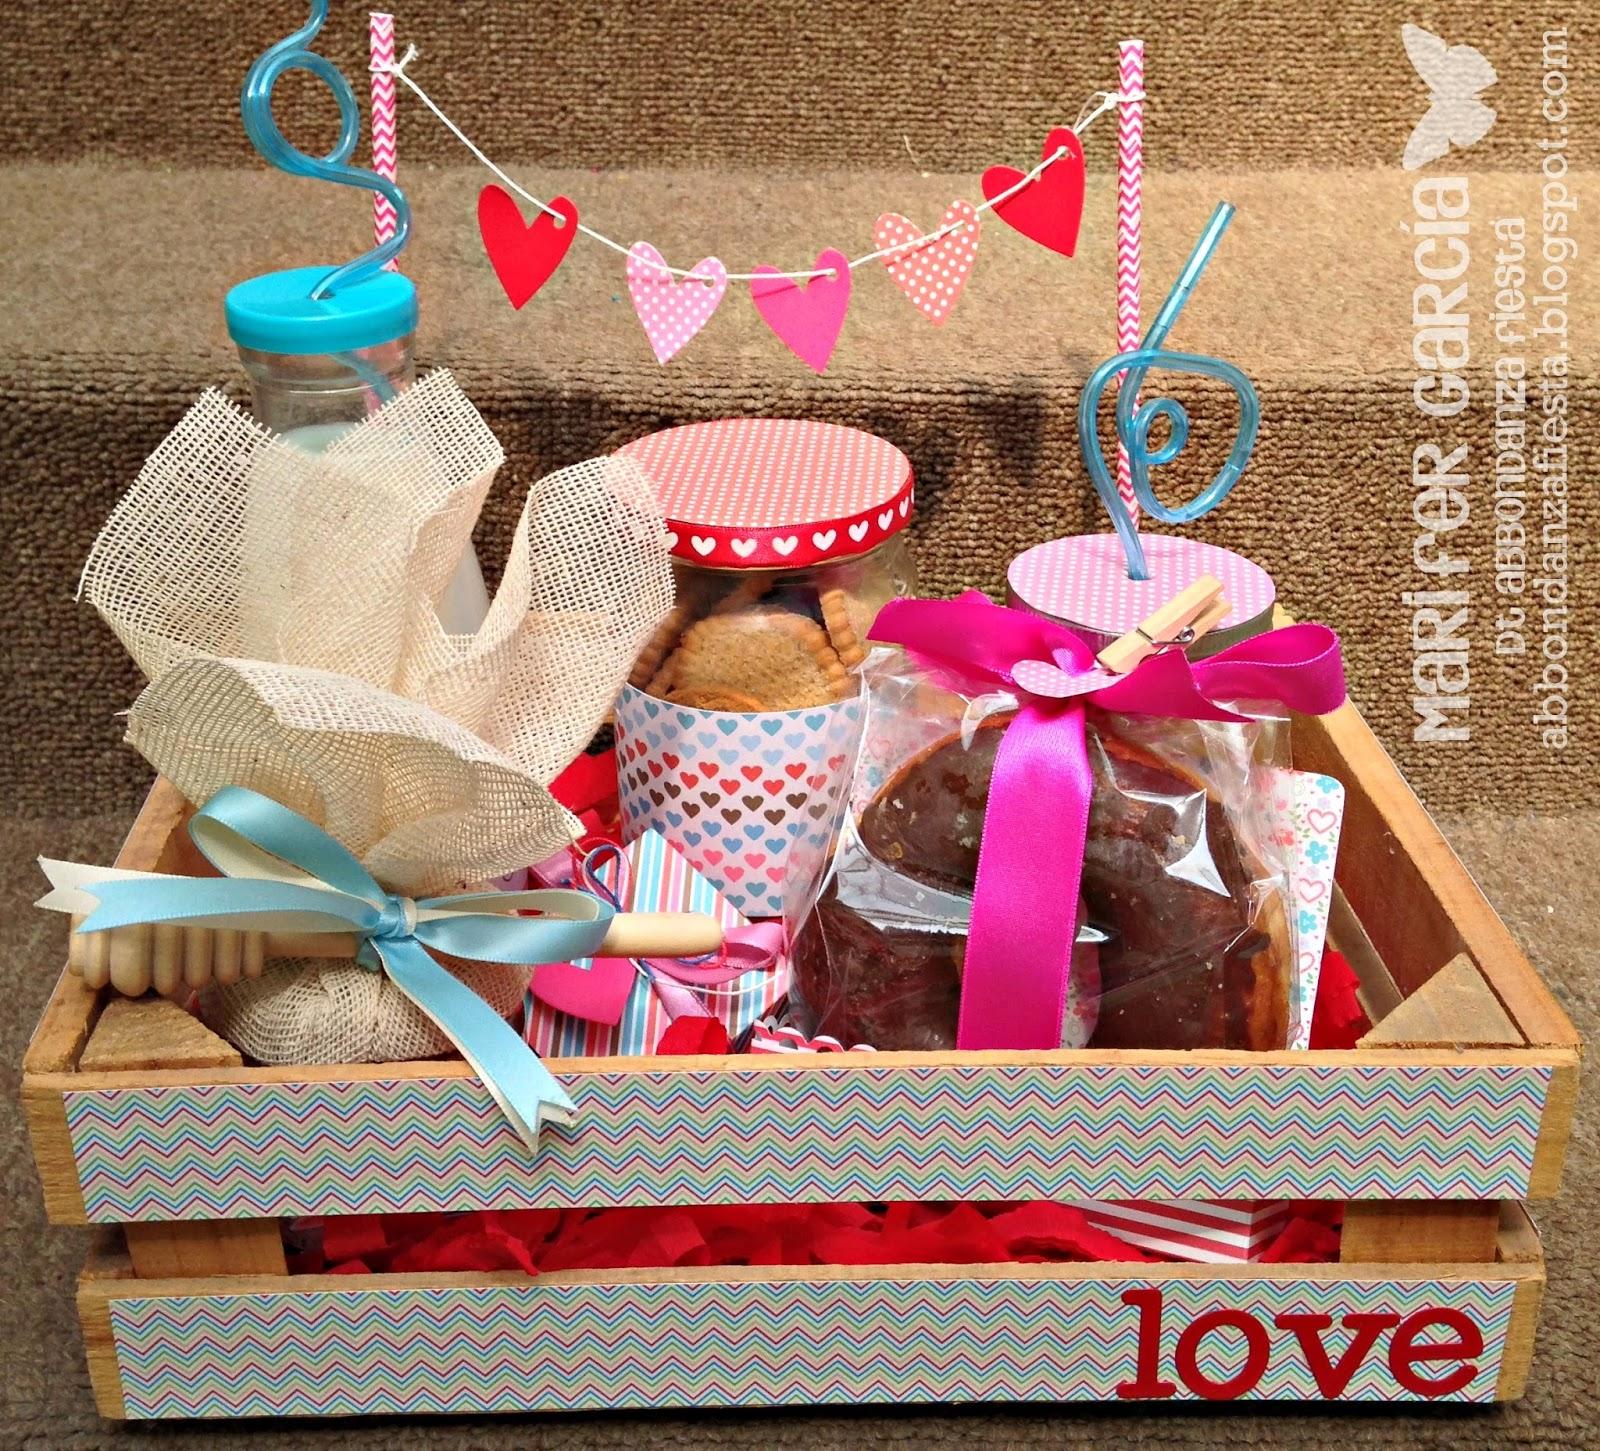 Febrero Febrero El En 14 De Amistad Madera Amor De 14 Dia Caja De Para Y La Del Arreglos